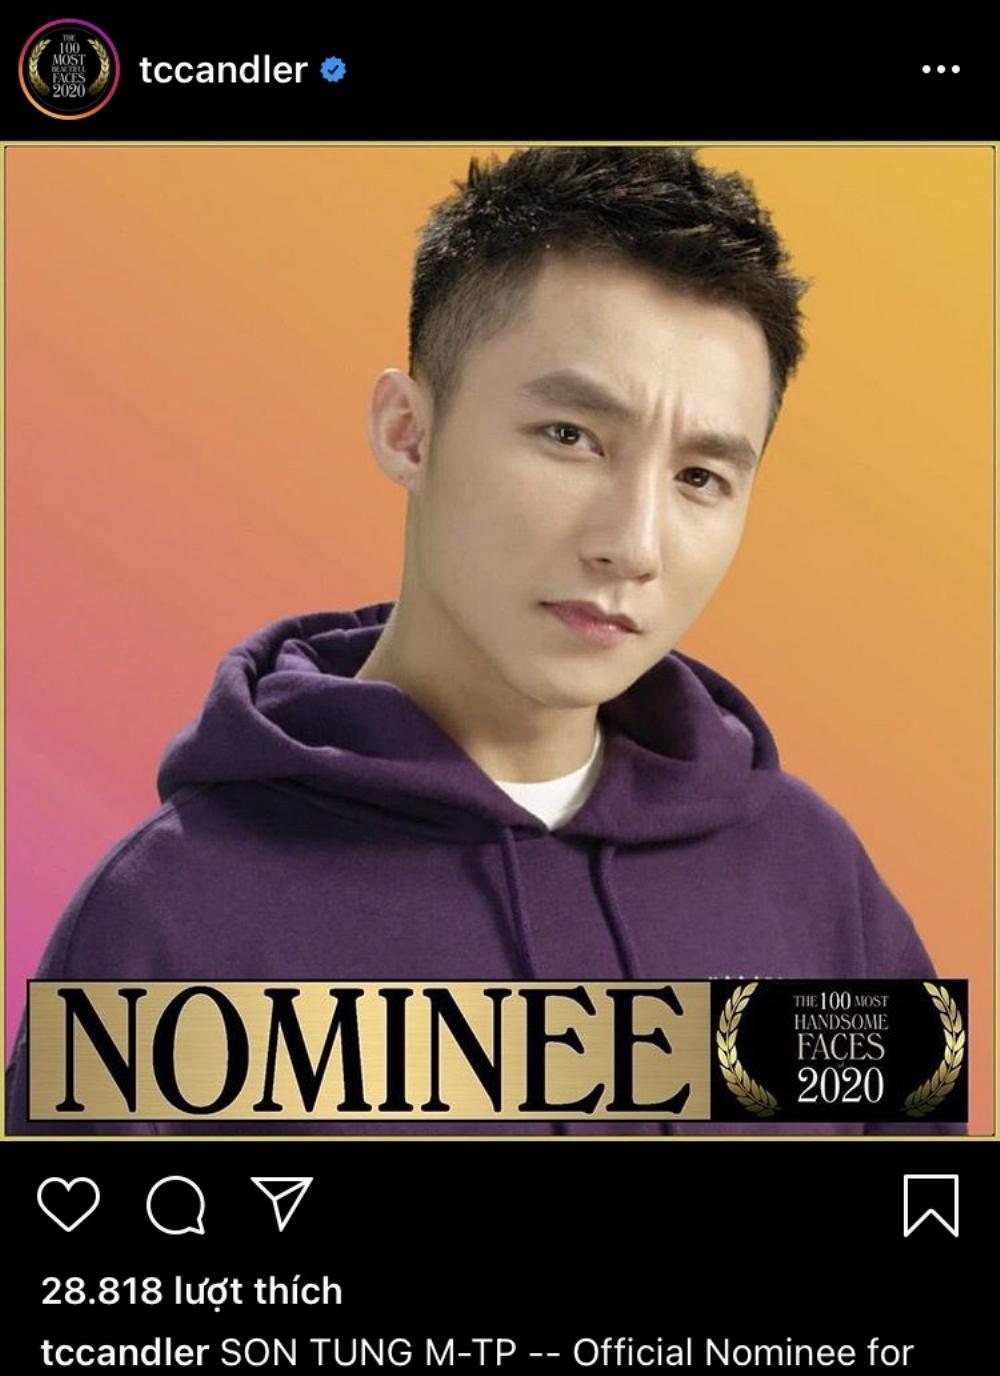 7 người Việt Nam được đề cử 'Top 100 gương mặt đẹp nhất thế giới 2020': Cạnh tranh với Vương Nhất Bác và BTS! Ảnh 2